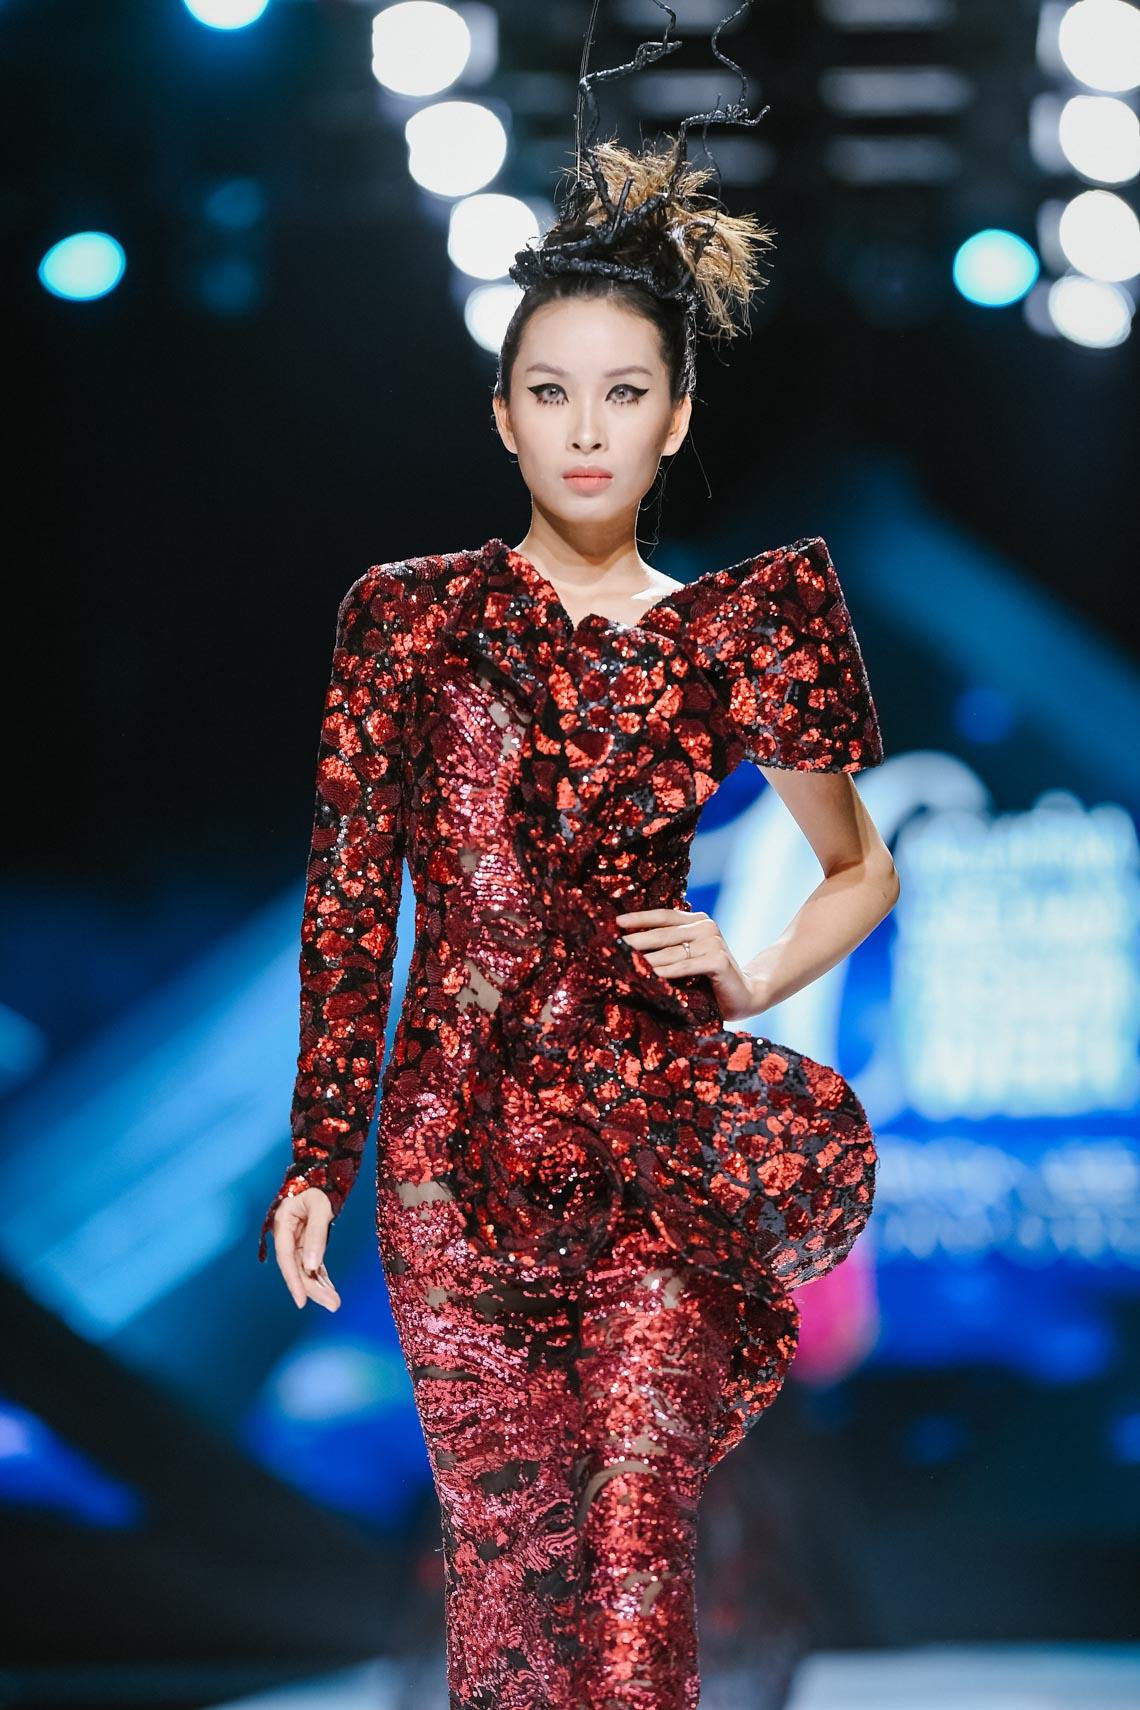 Siêu mẫu Thanh Hằng trong BST mới nhất của Frederick Lee trên sàn diễn Tuần lễ Thời trang Quốc tế Việt Nam Thu Đông 2019 - 13